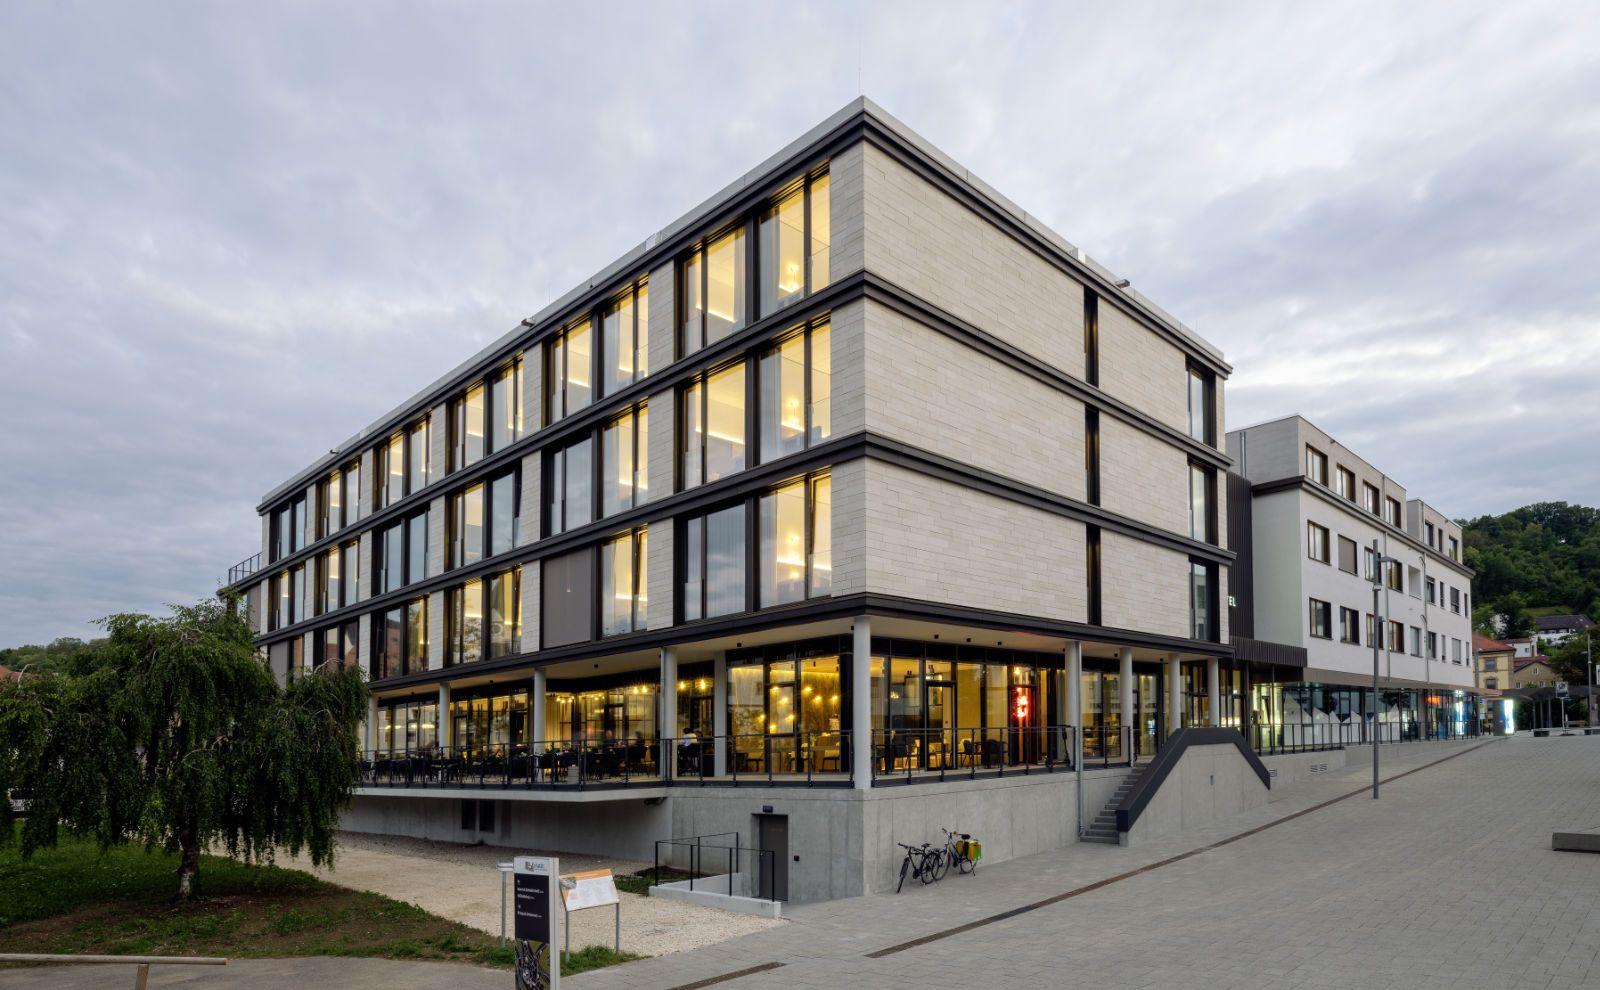 Außenansicht des Hotelgebäudes von Reimann Architecture